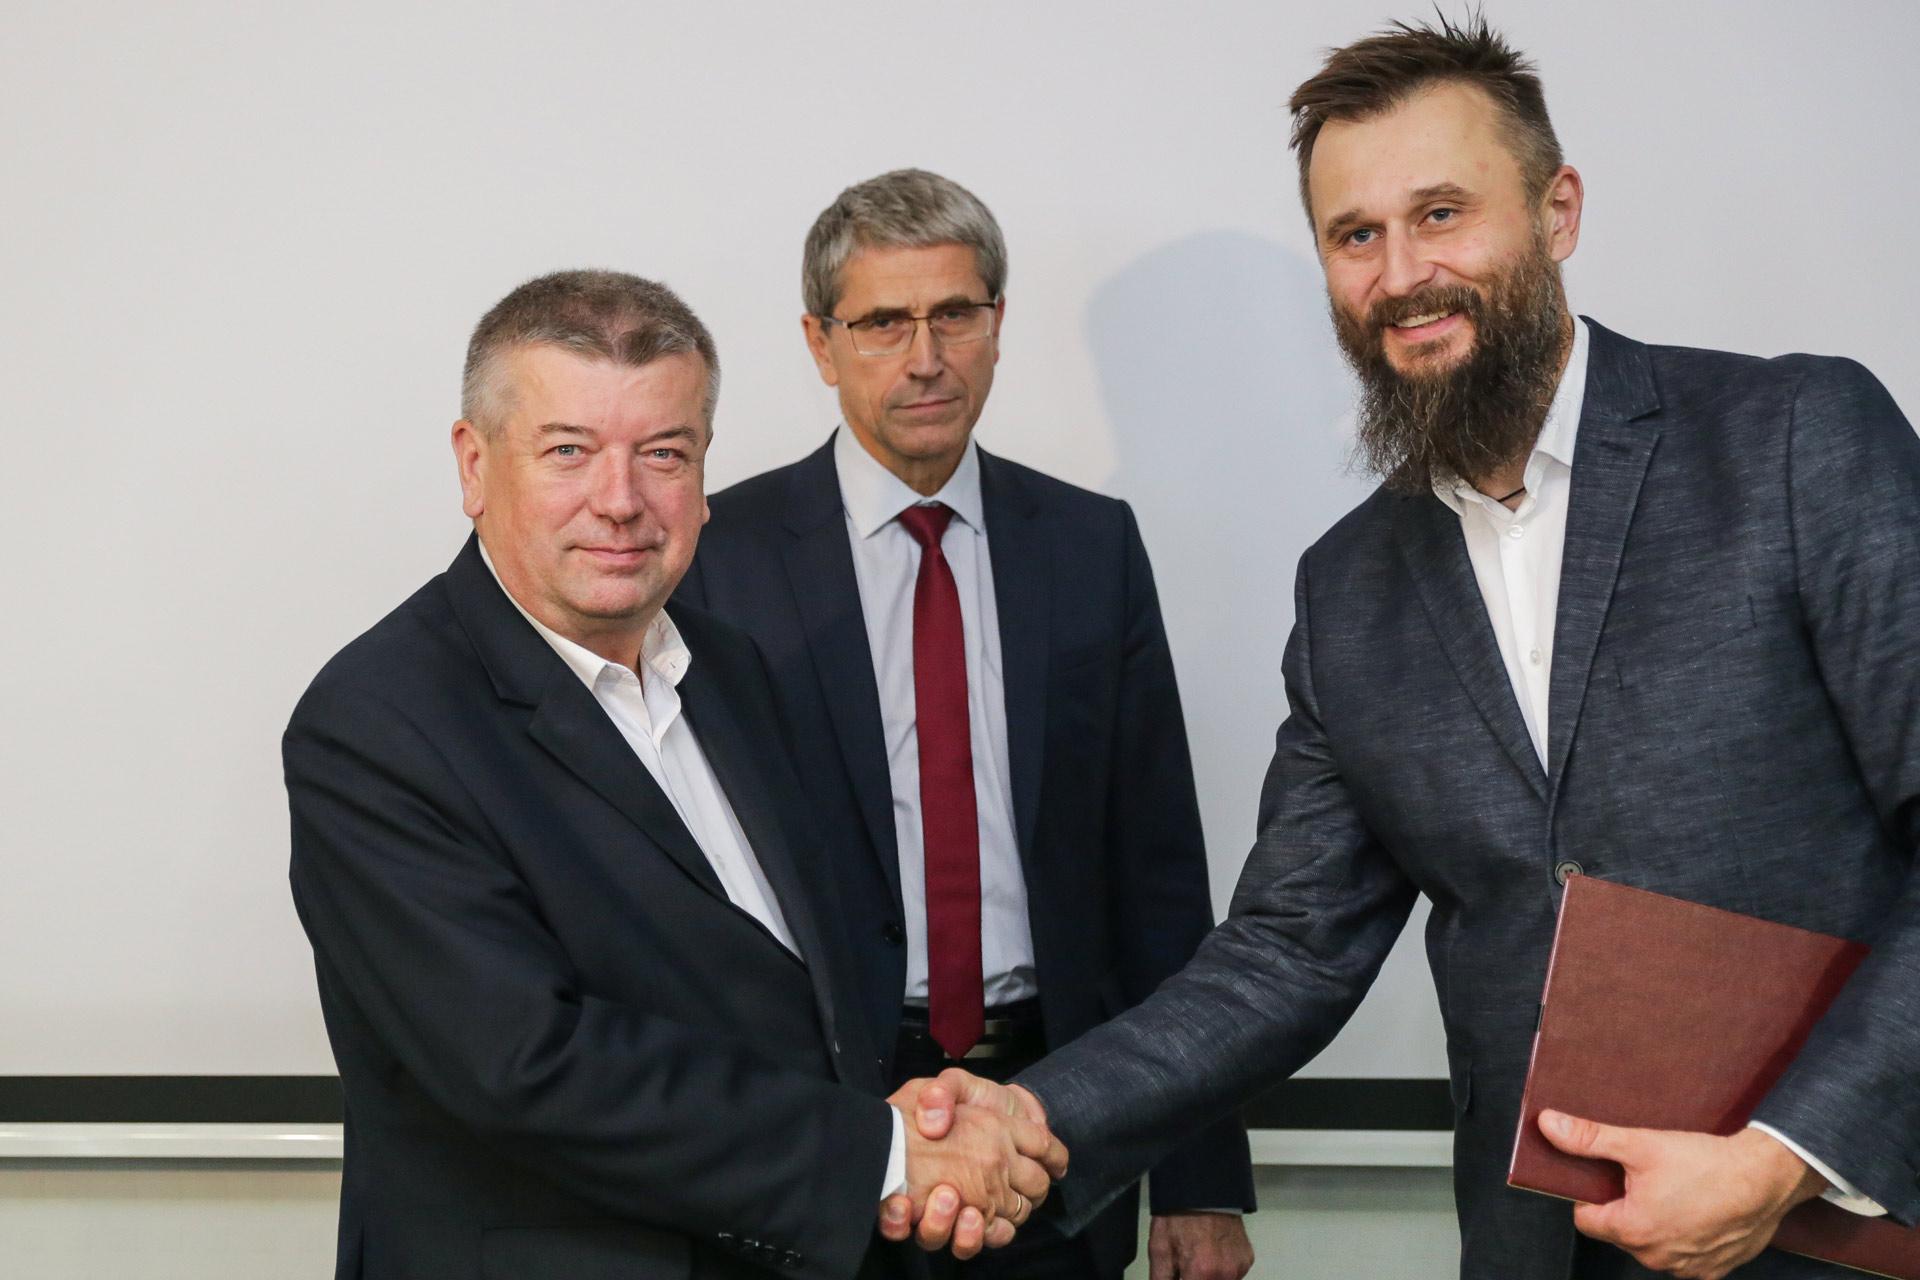 Podpisanie umowy KZKGOP - Dysten na największy system informacji pasażerskiej w Polsce